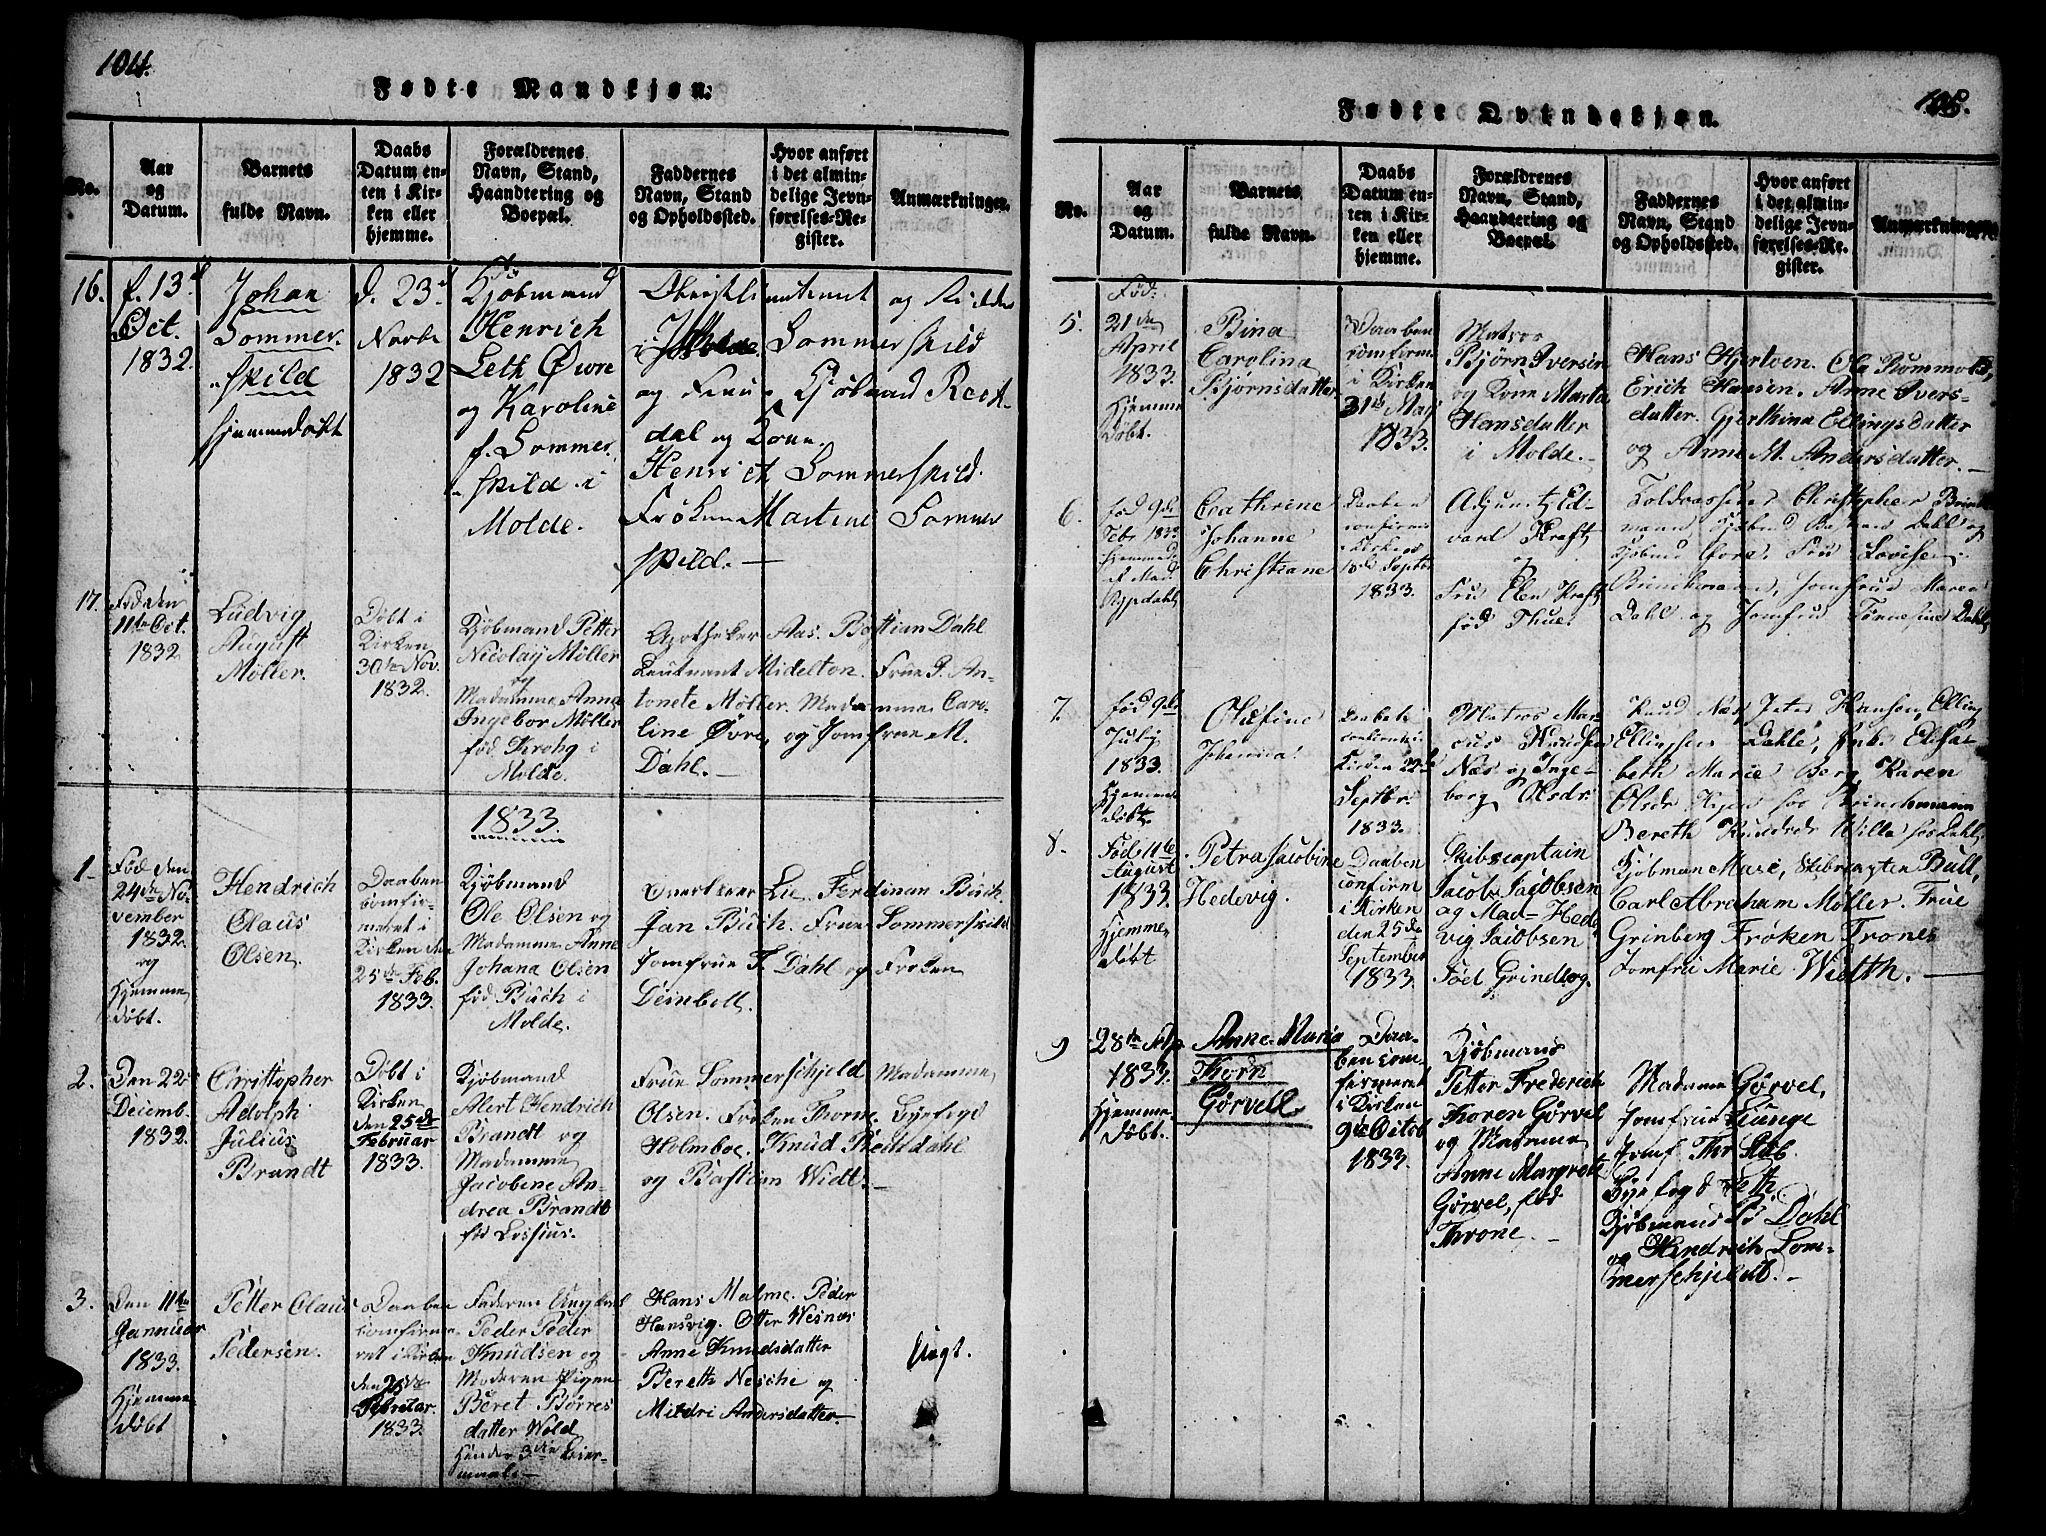 SAT, Ministerialprotokoller, klokkerbøker og fødselsregistre - Møre og Romsdal, 558/L0688: Ministerialbok nr. 558A02, 1818-1843, s. 104-105